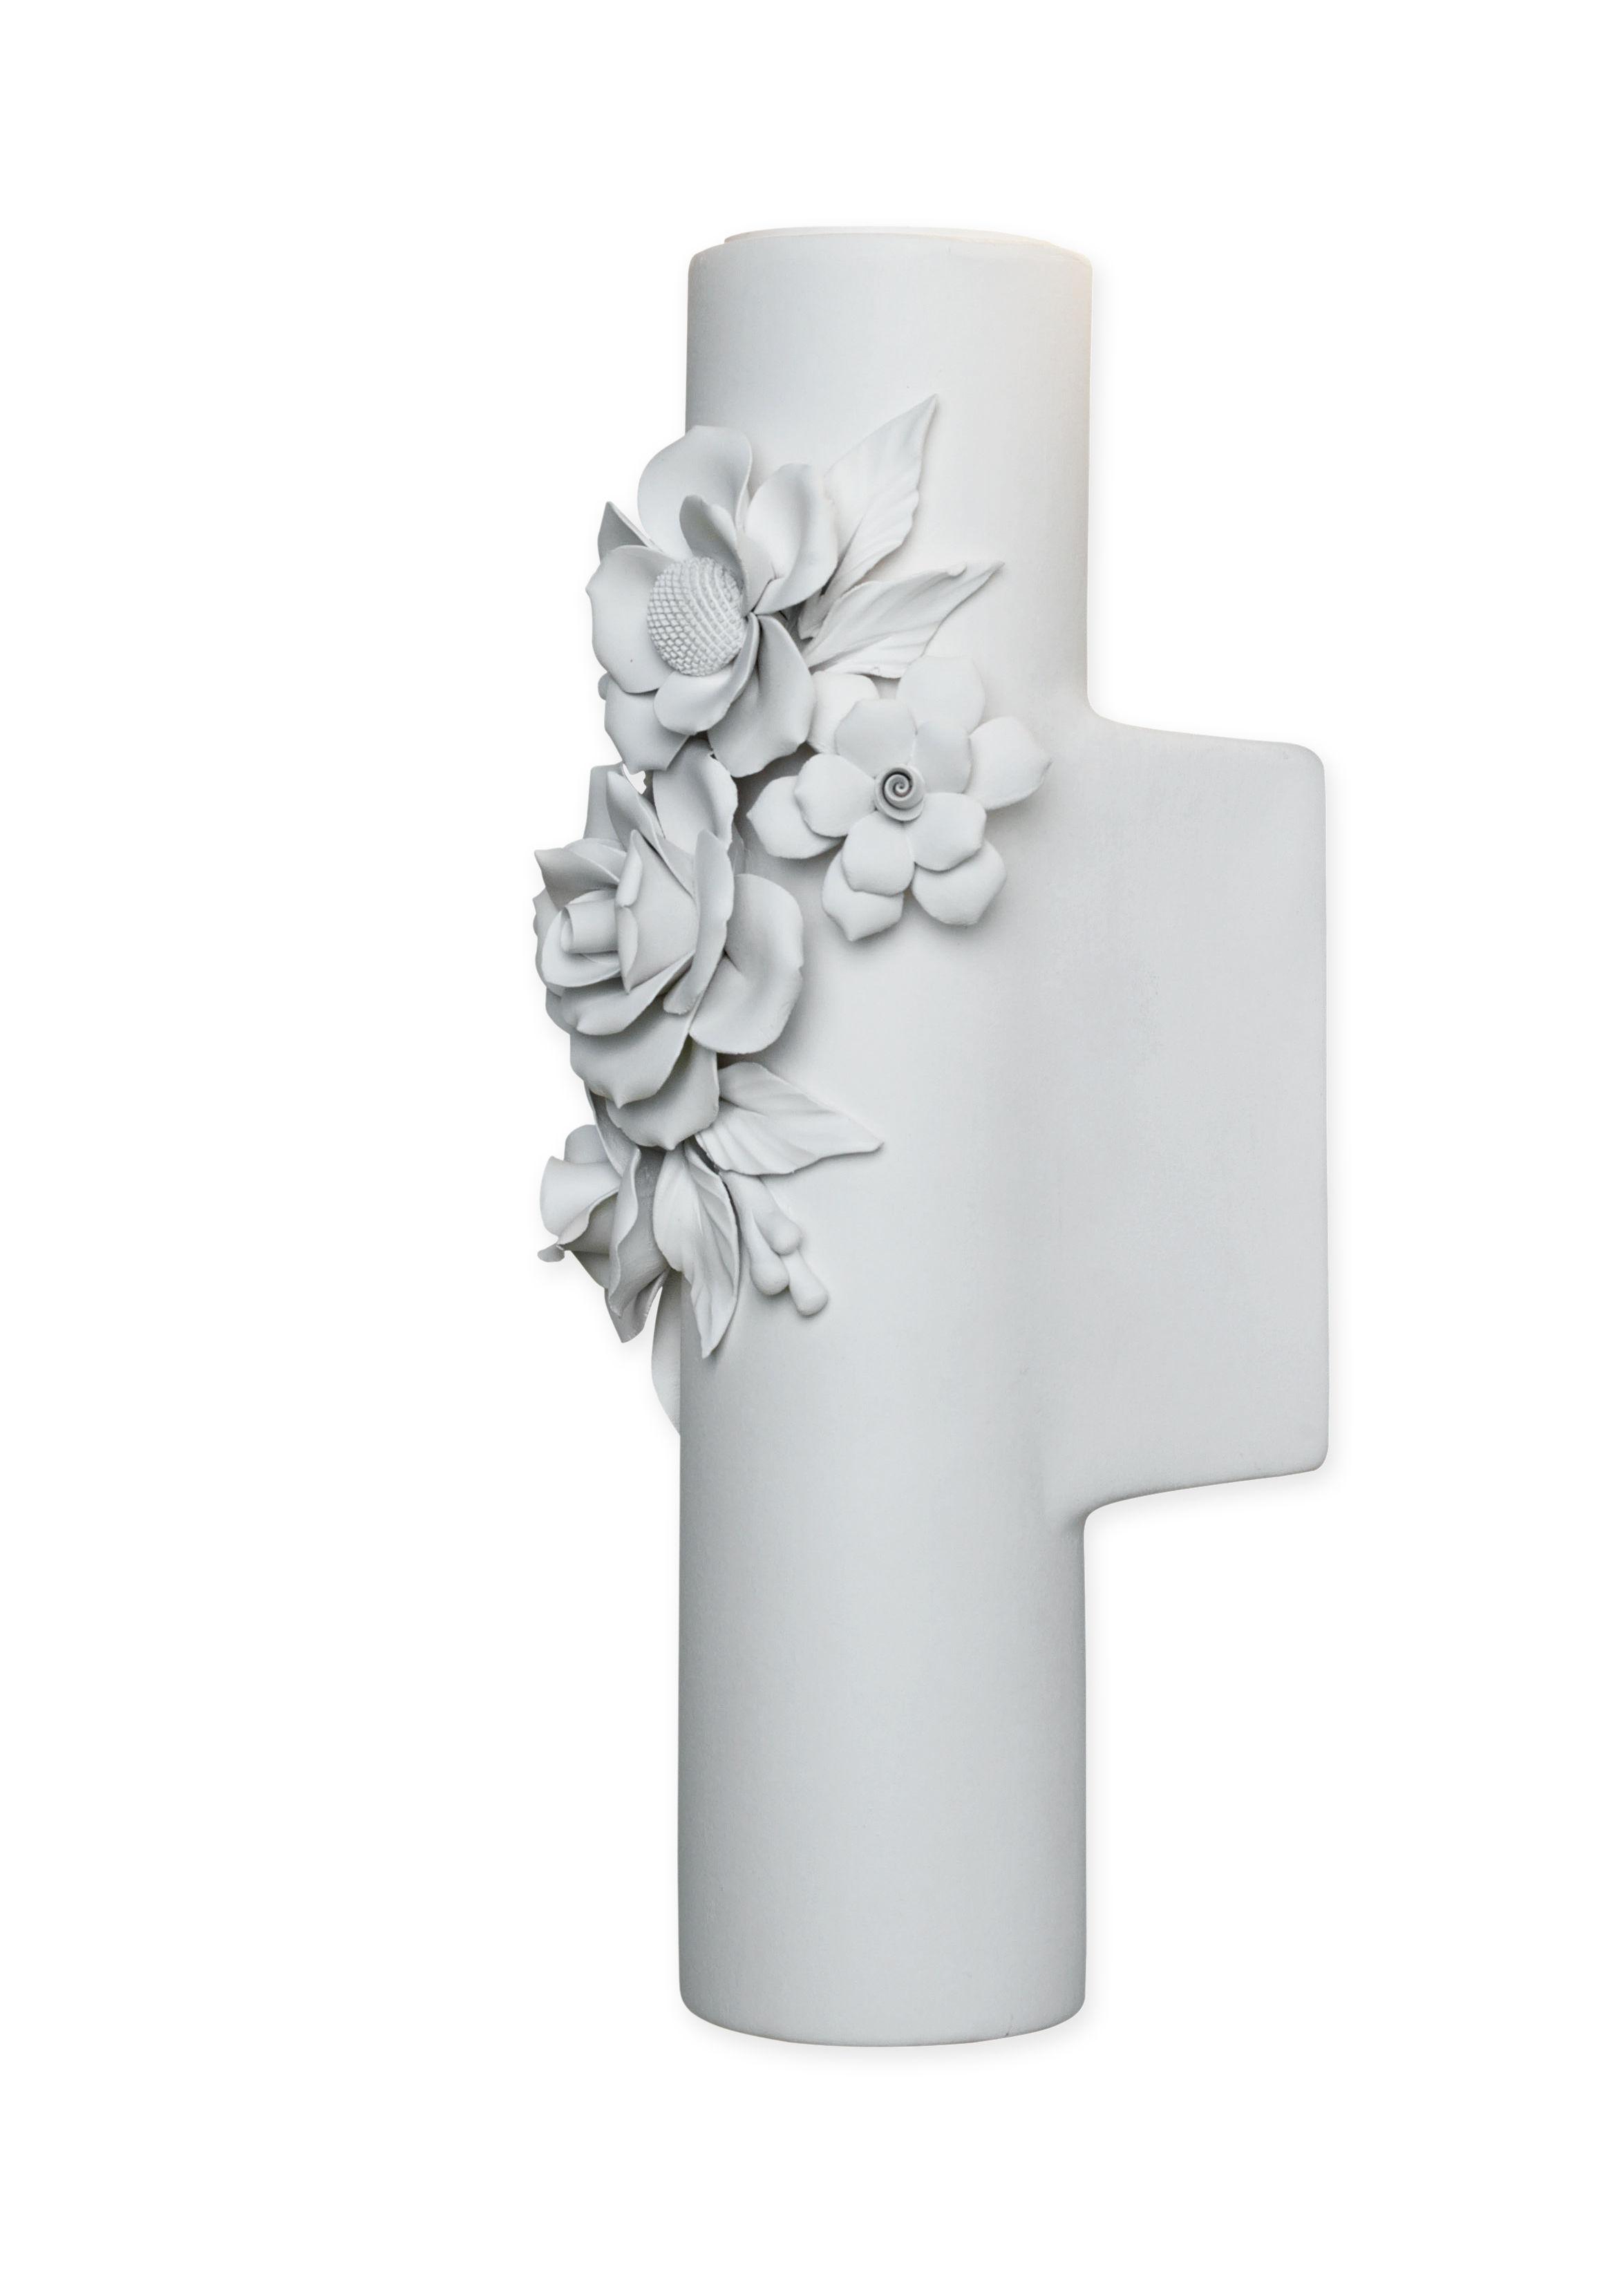 Luminaire - Appliques - Applique Capodimonte / Céramique - Ø 6 x H 26 cm - Karman - Blanc mat - Céramique brute